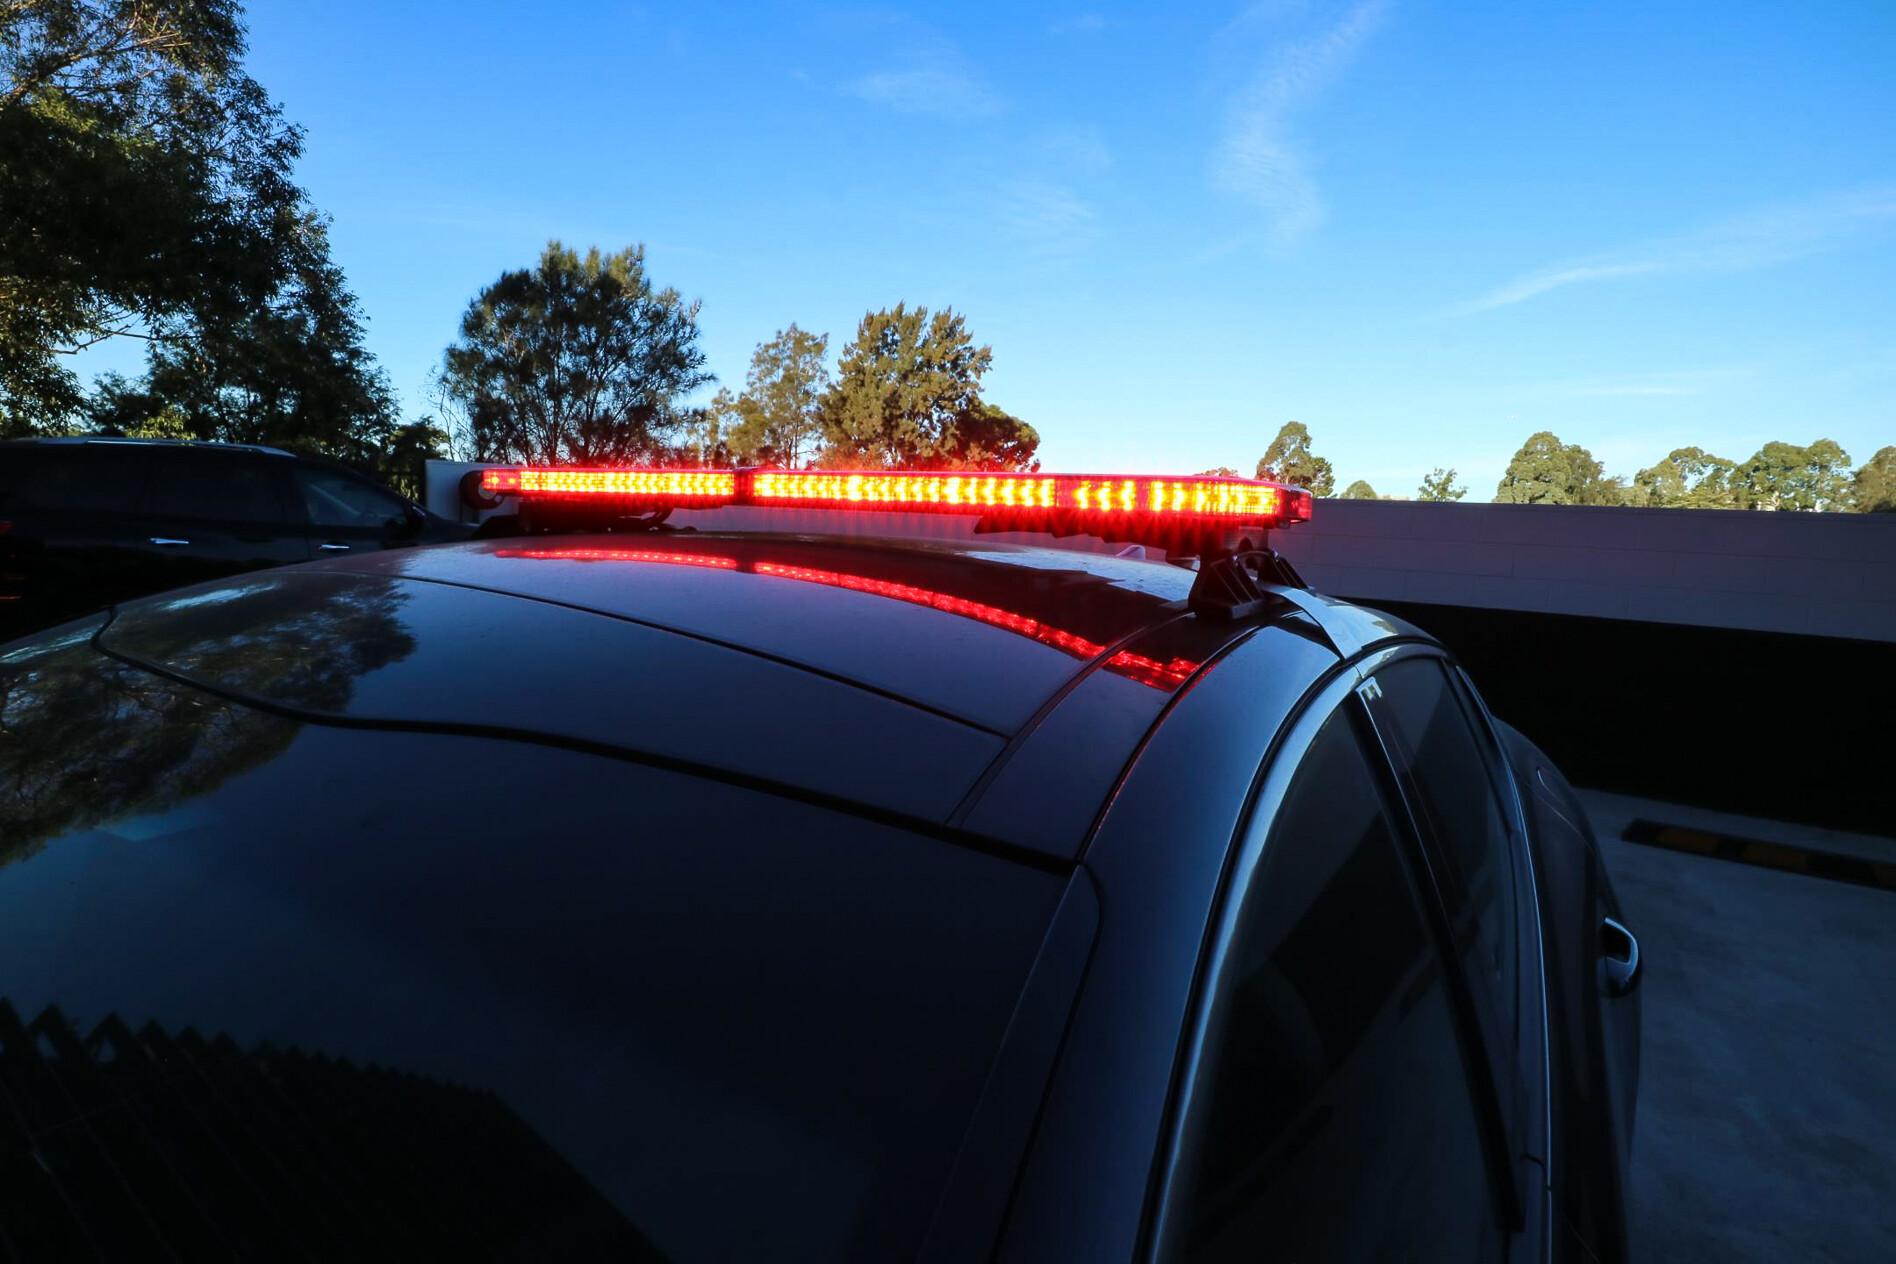 Kia Stinger police car